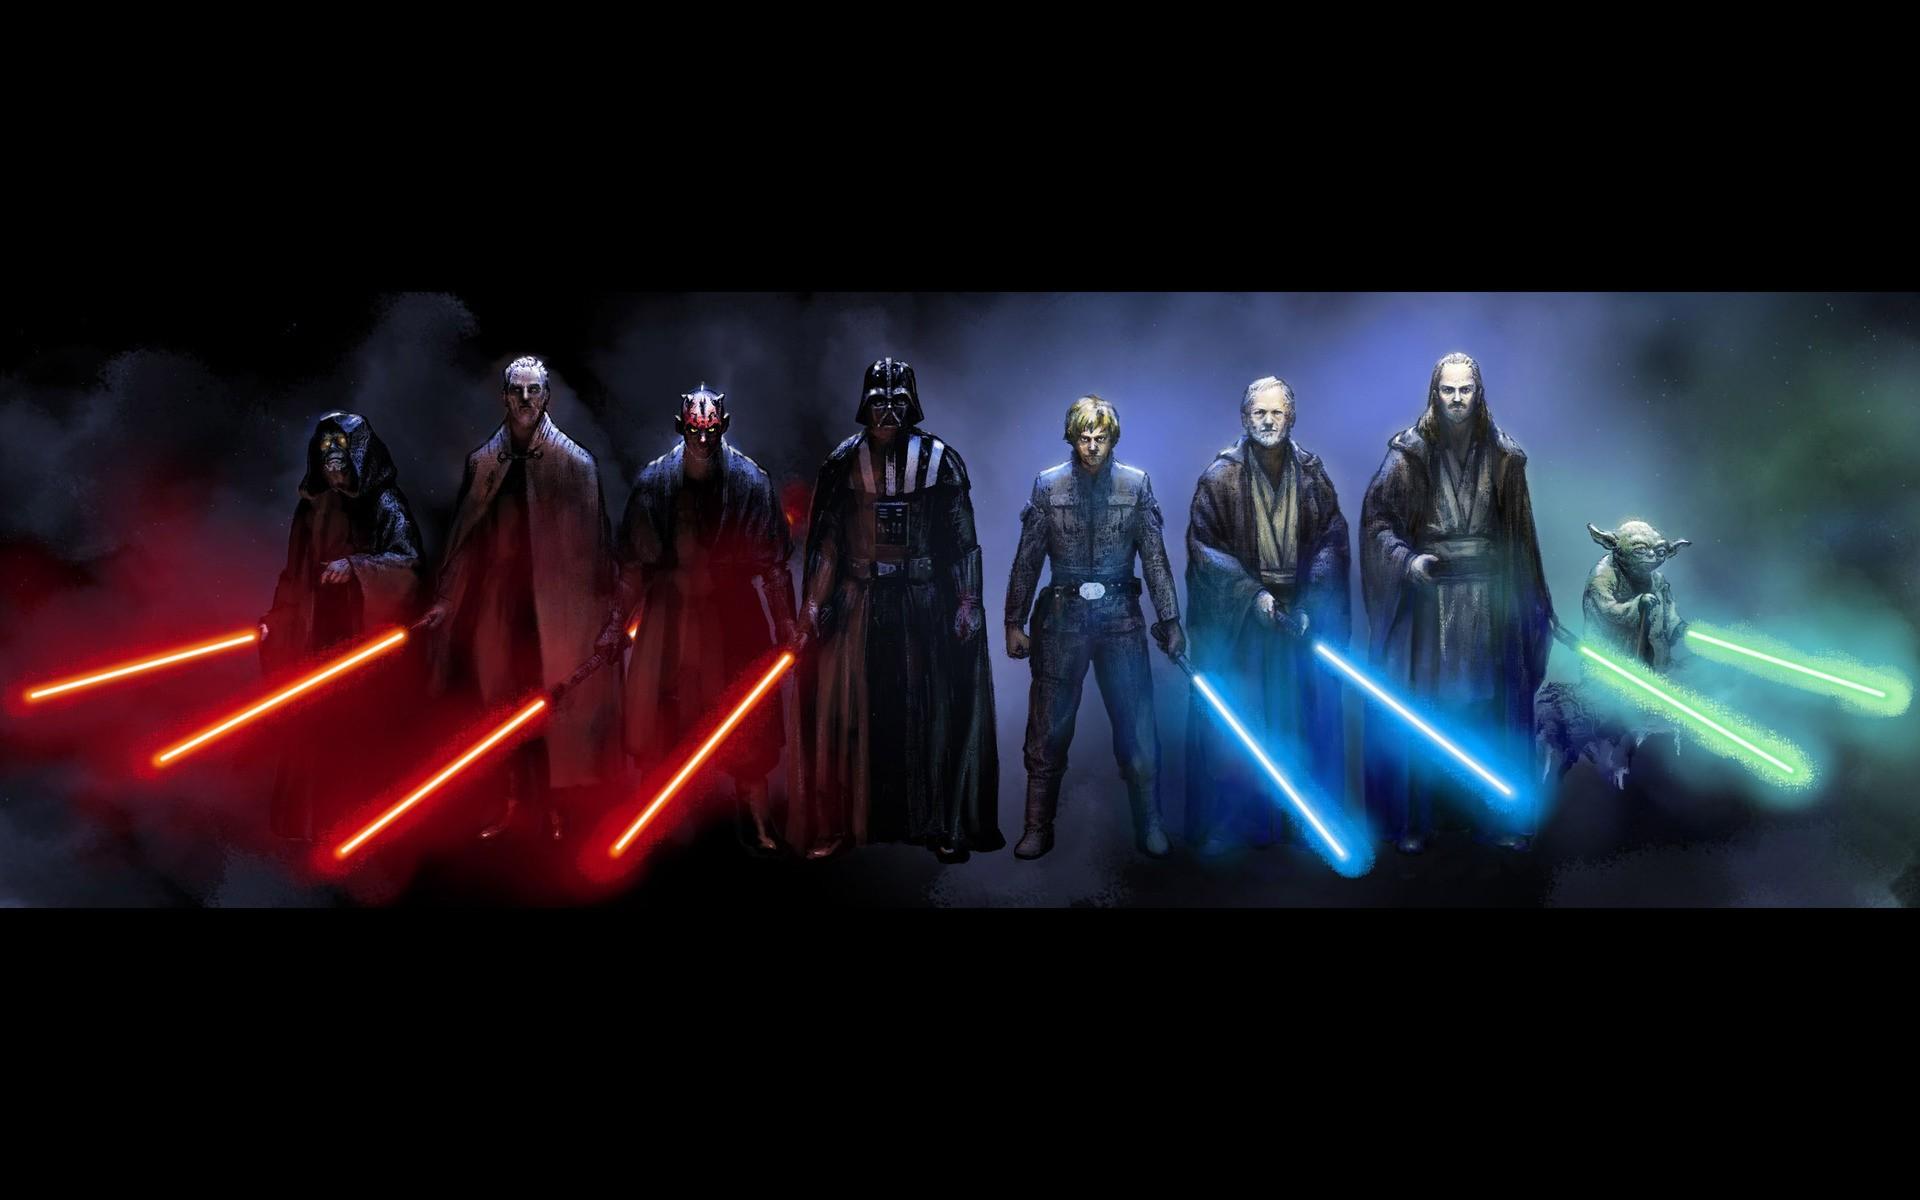 Star Wars Yoda Obi Wan Kenobi Luke Skywalker Darth Maul Qui Gon Jinn Sidious Count Dooku